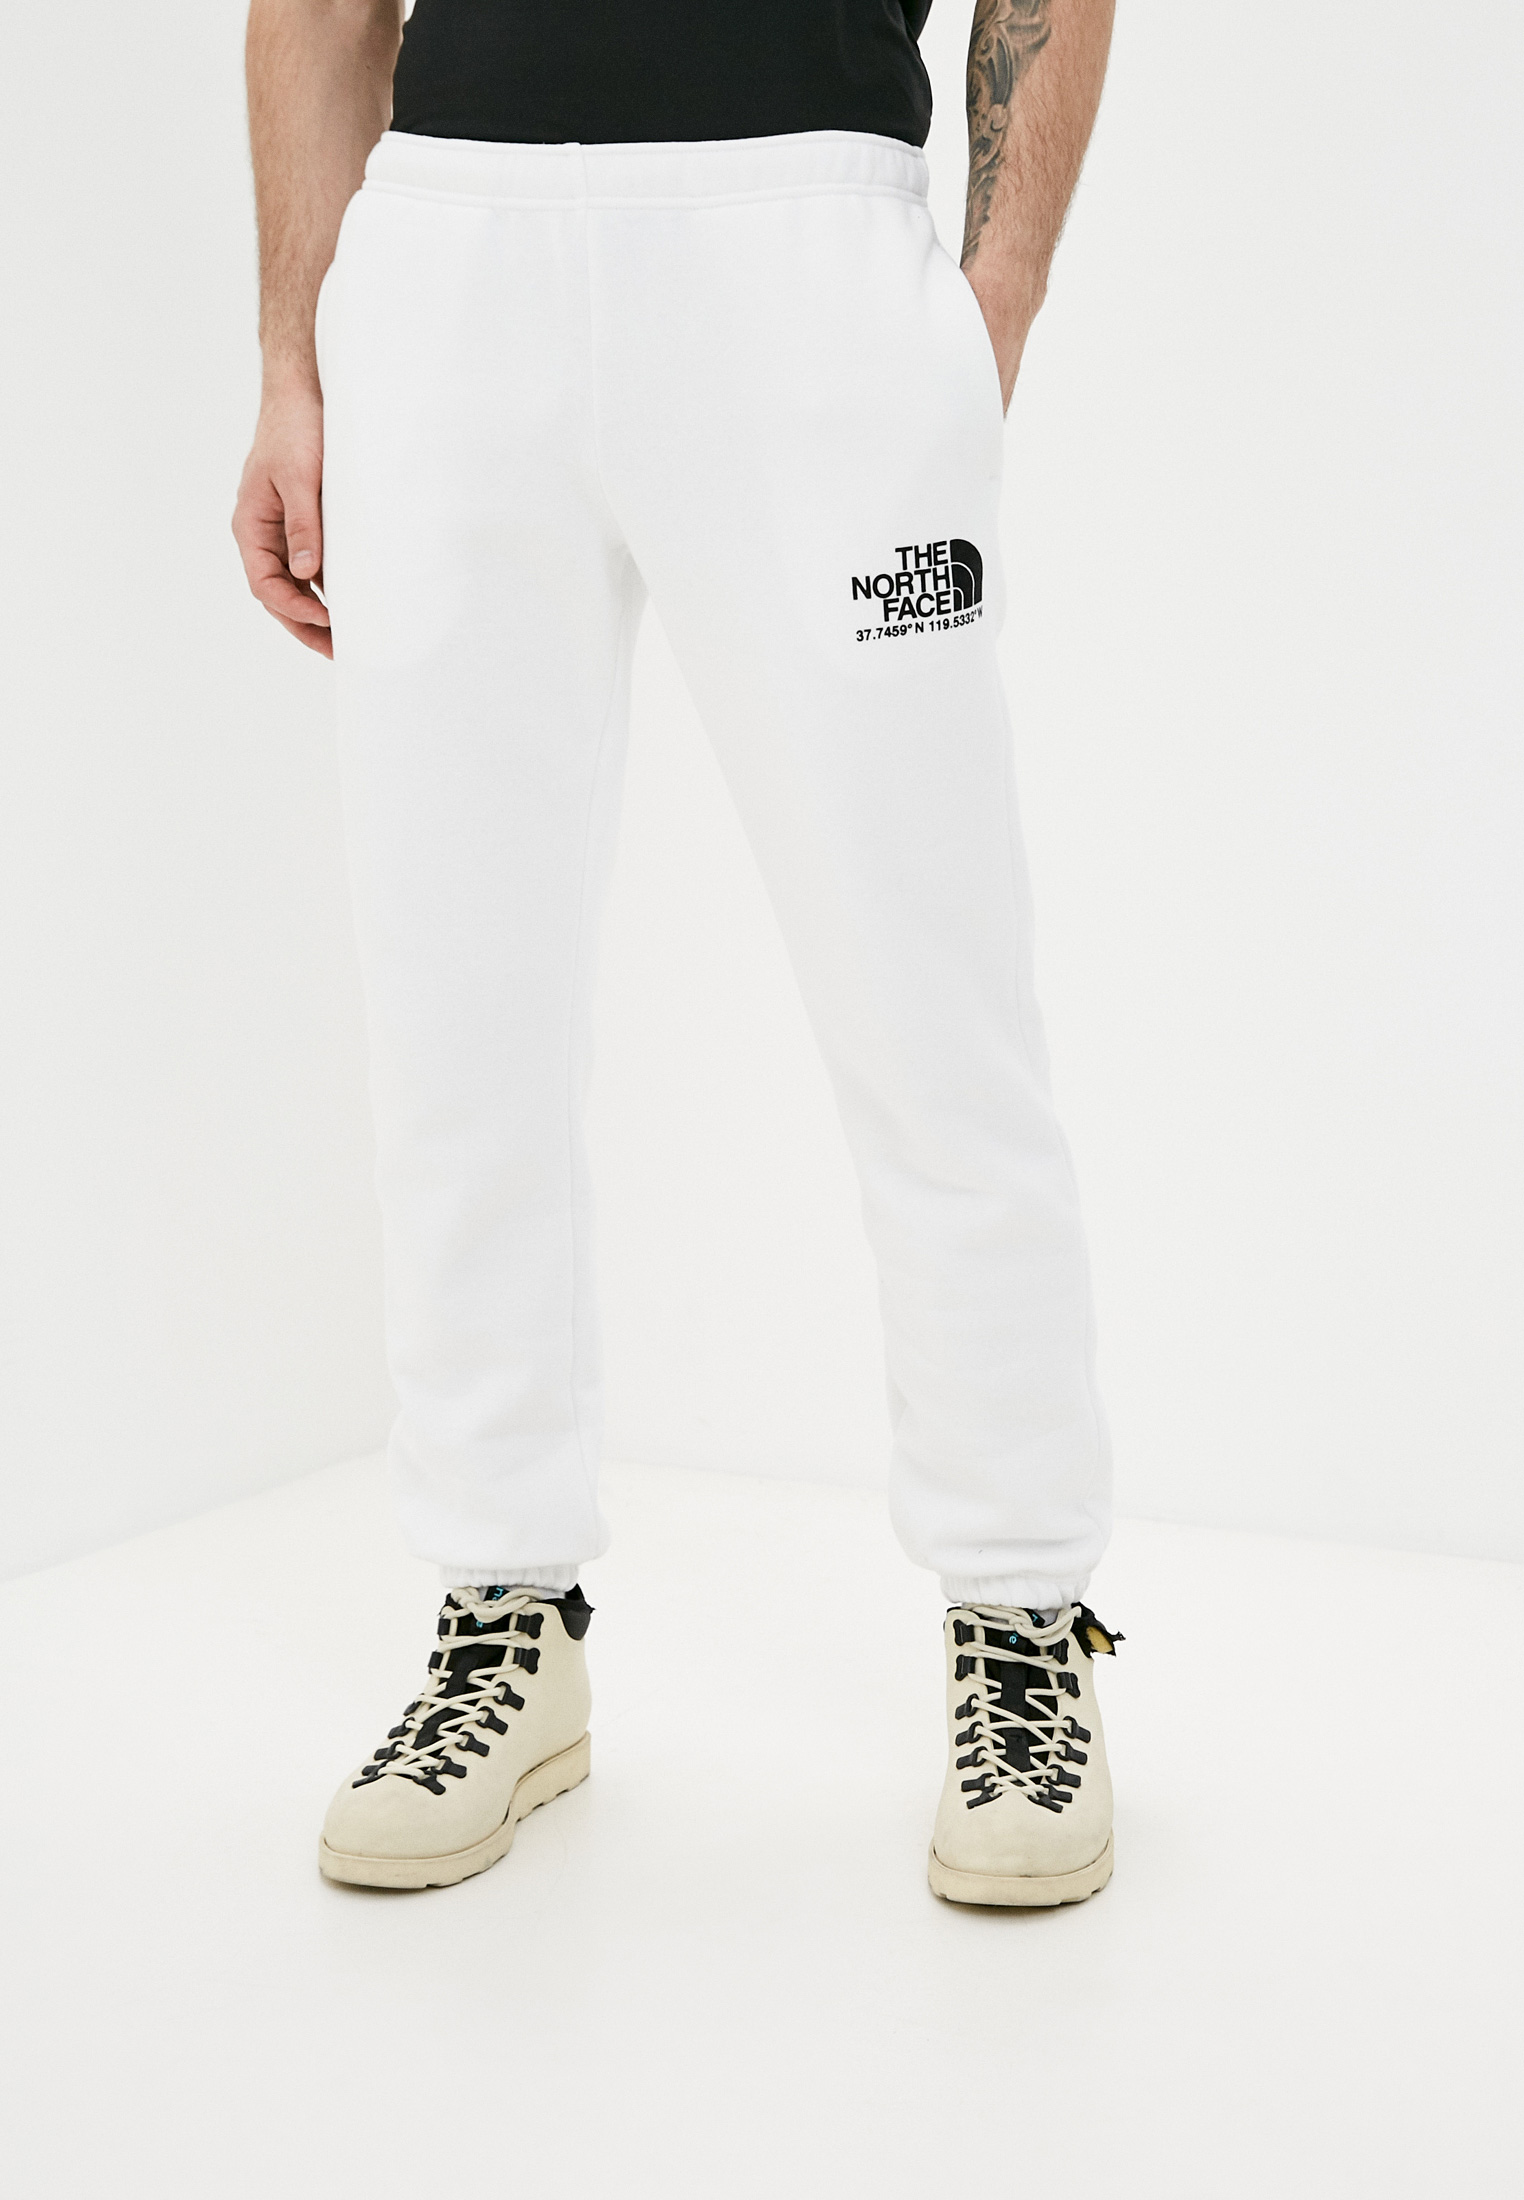 Мужские спортивные брюки The North Face (Норт Фейс) Брюки спортивные The North Face